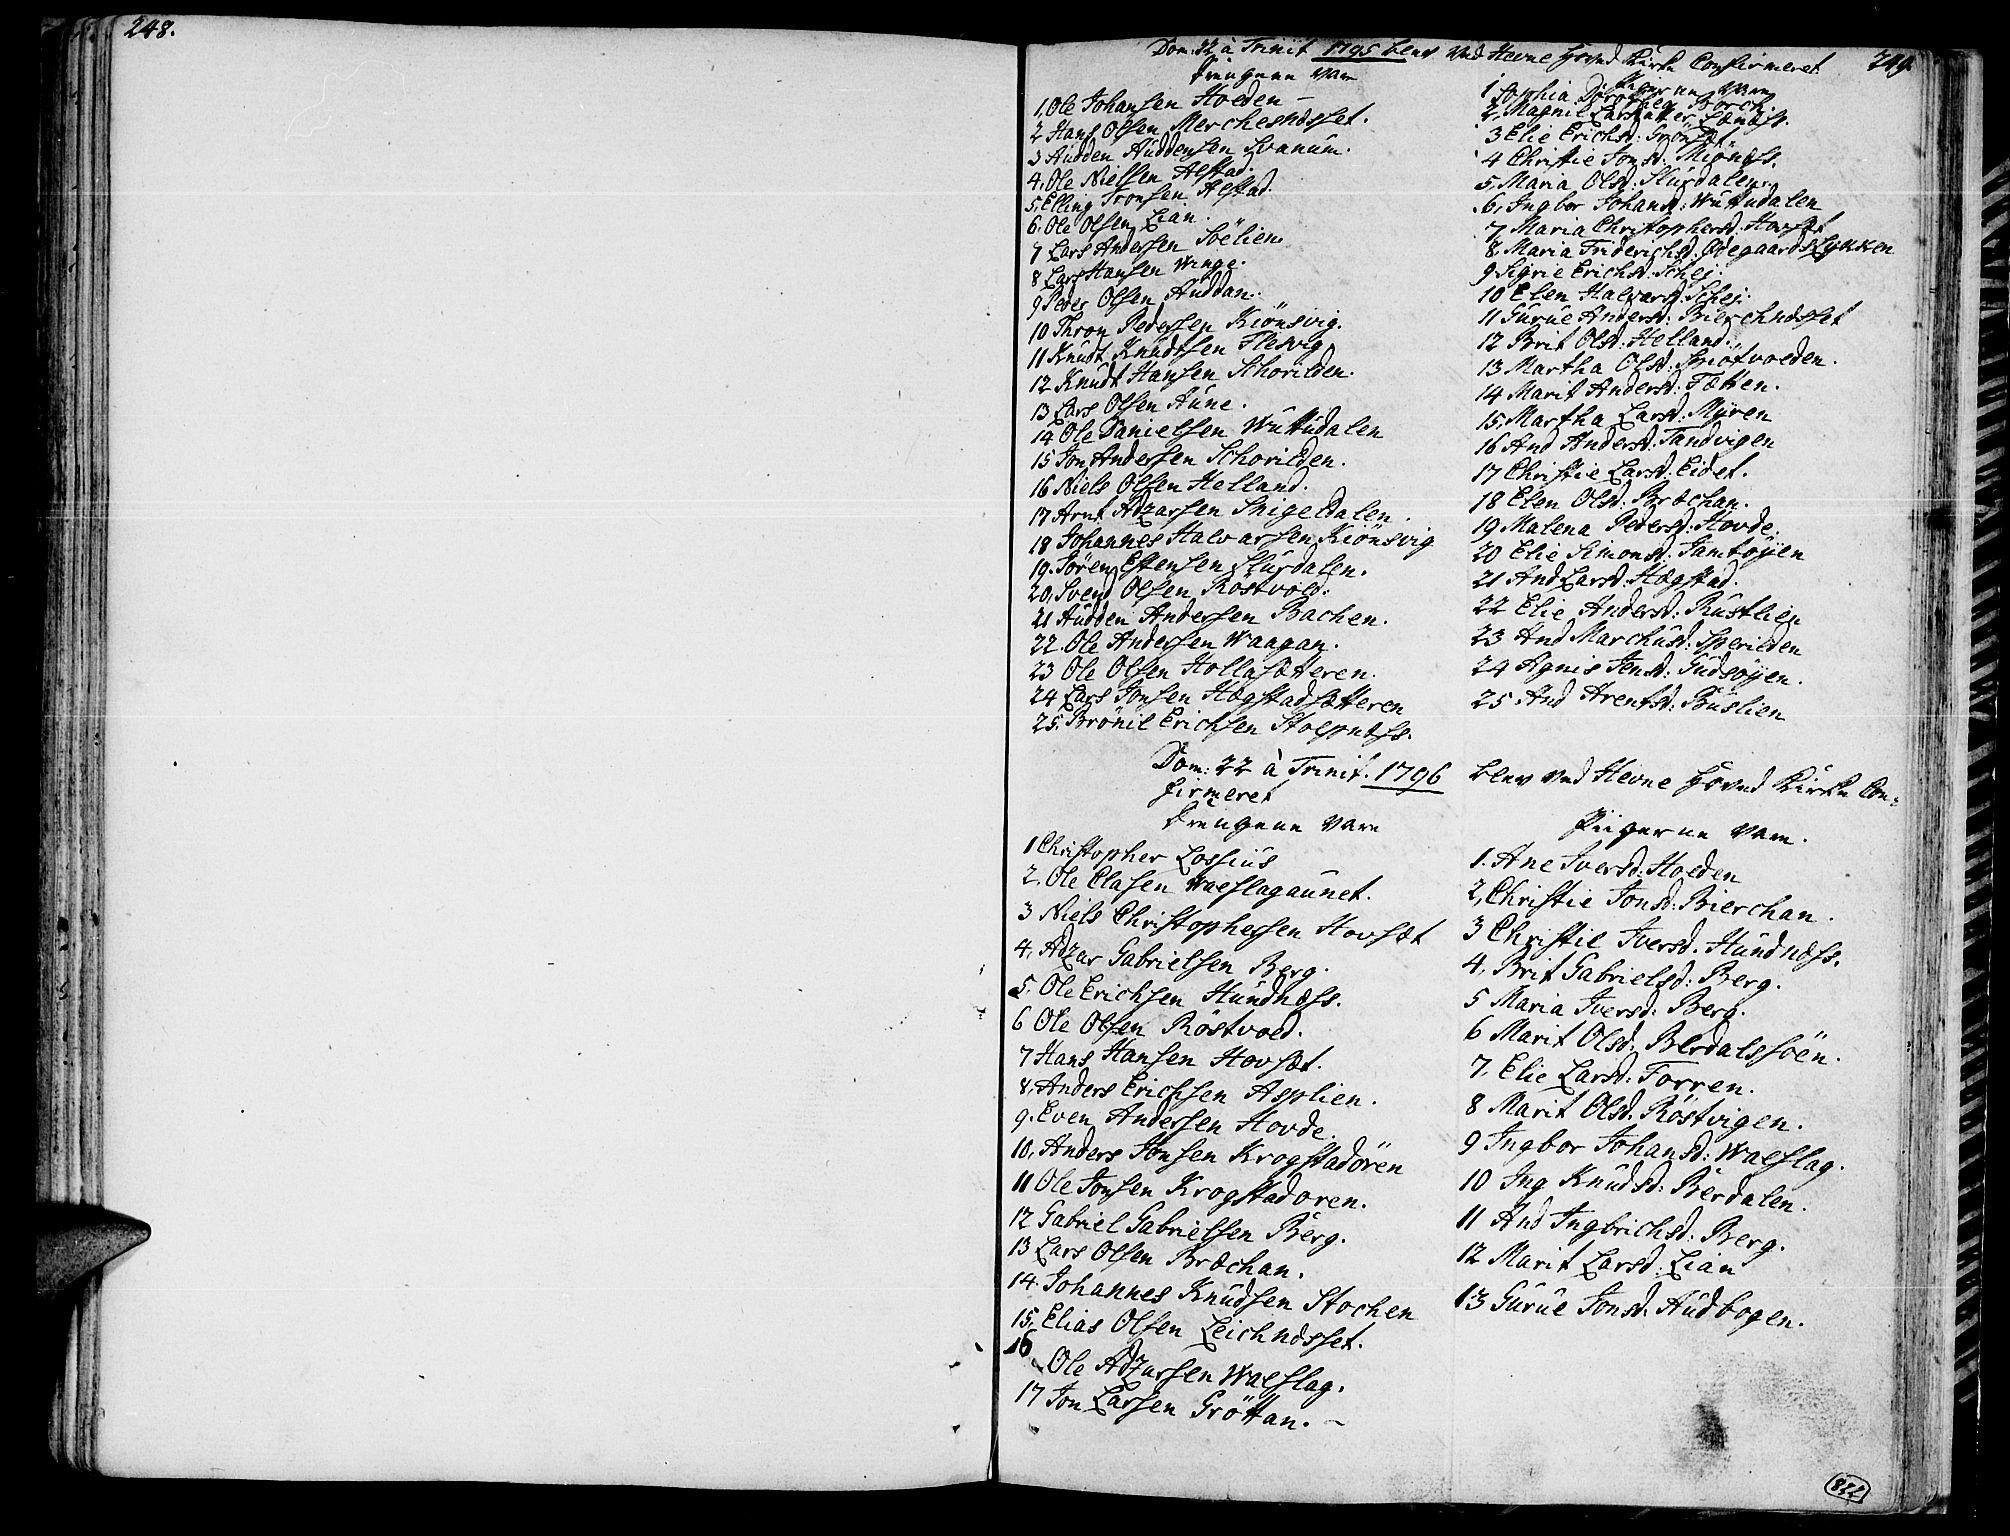 SAT, Ministerialprotokoller, klokkerbøker og fødselsregistre - Sør-Trøndelag, 630/L0490: Ministerialbok nr. 630A03, 1795-1818, s. 248-249